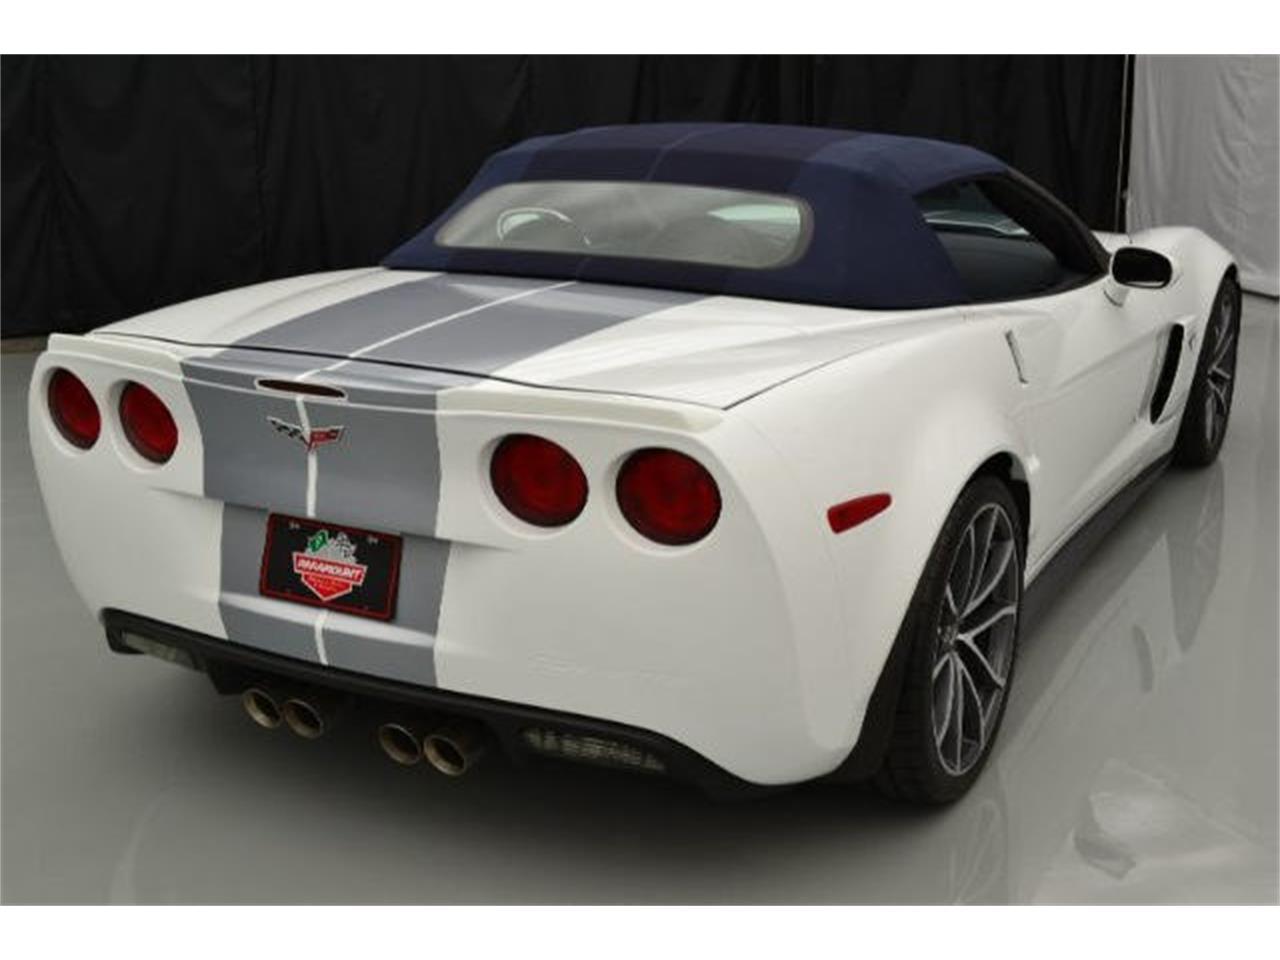 Large Picture of 2013 Chevrolet Corvette - $96,000.00 - 8QFQ